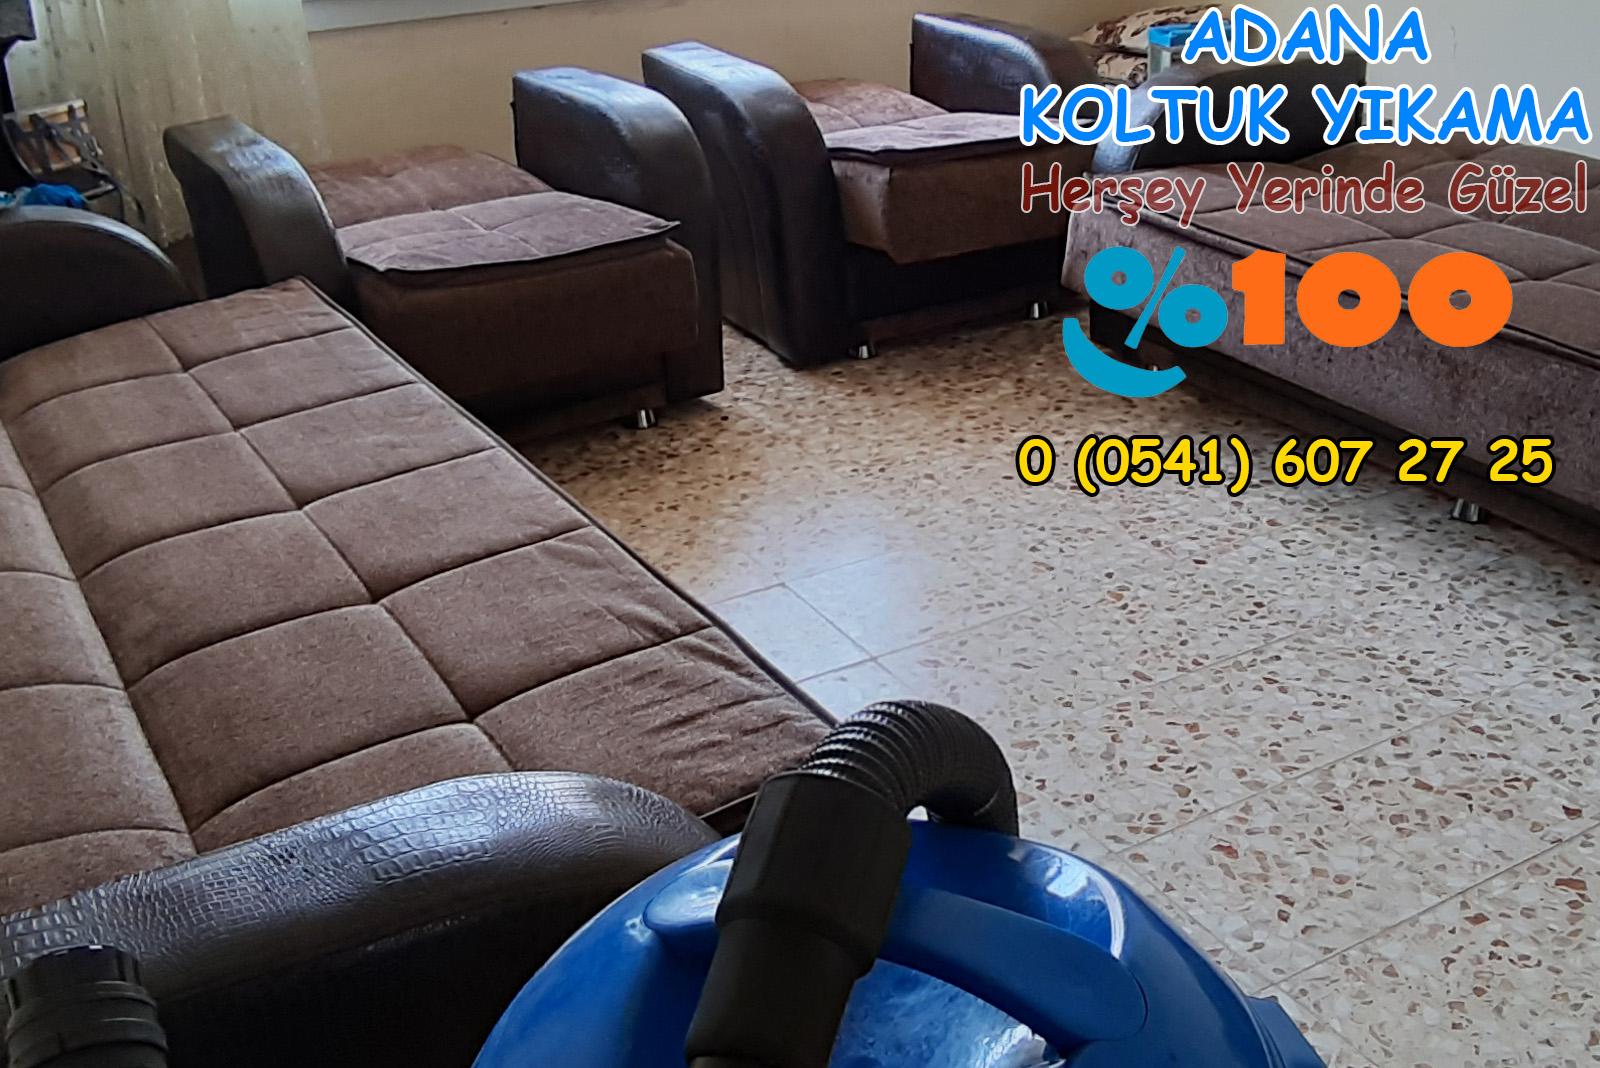 Adana Yüreğir Ptt Evleri Koltuk Yıkama | 0 541 607 27 25